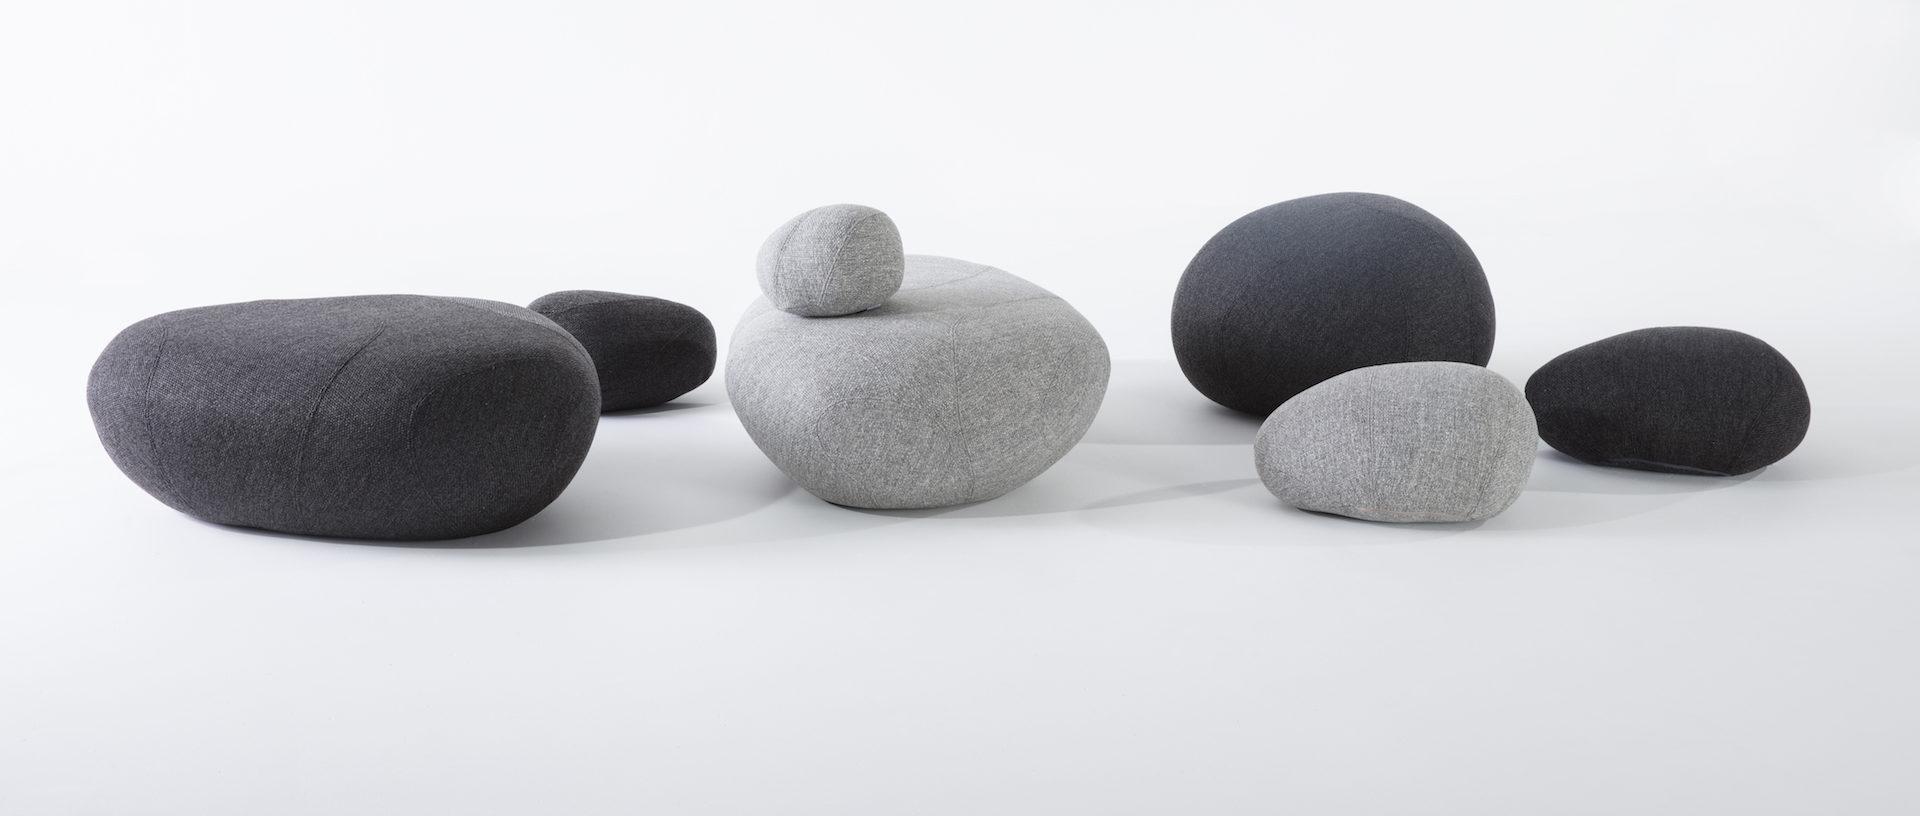 poufs galets en tissu gris clair et gris foncé de la marque Smarin, néolivingstones, agence Parade